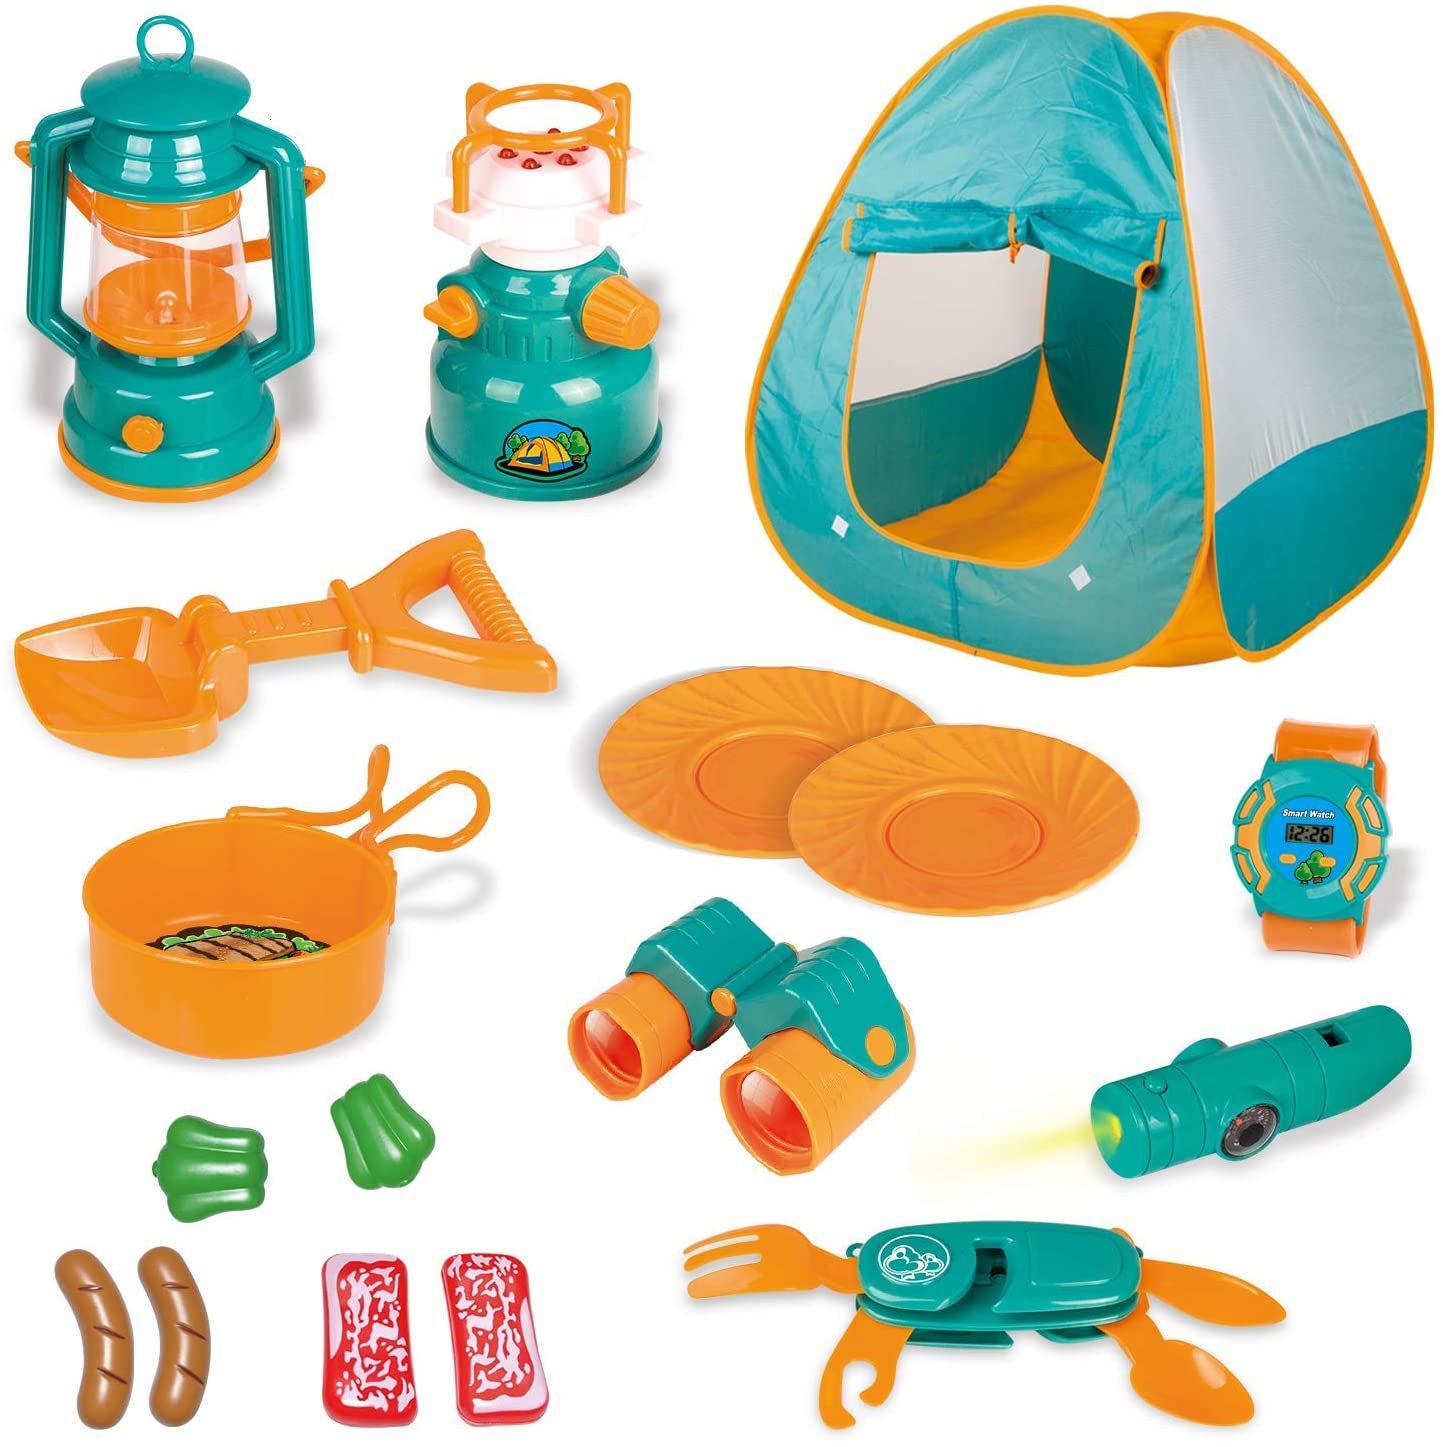 Picnic Childnic Camping Barraca Conjunto de Lazer Ao Ar Livre Beach Home Jogos Educacional Pai Brinquedos Criança